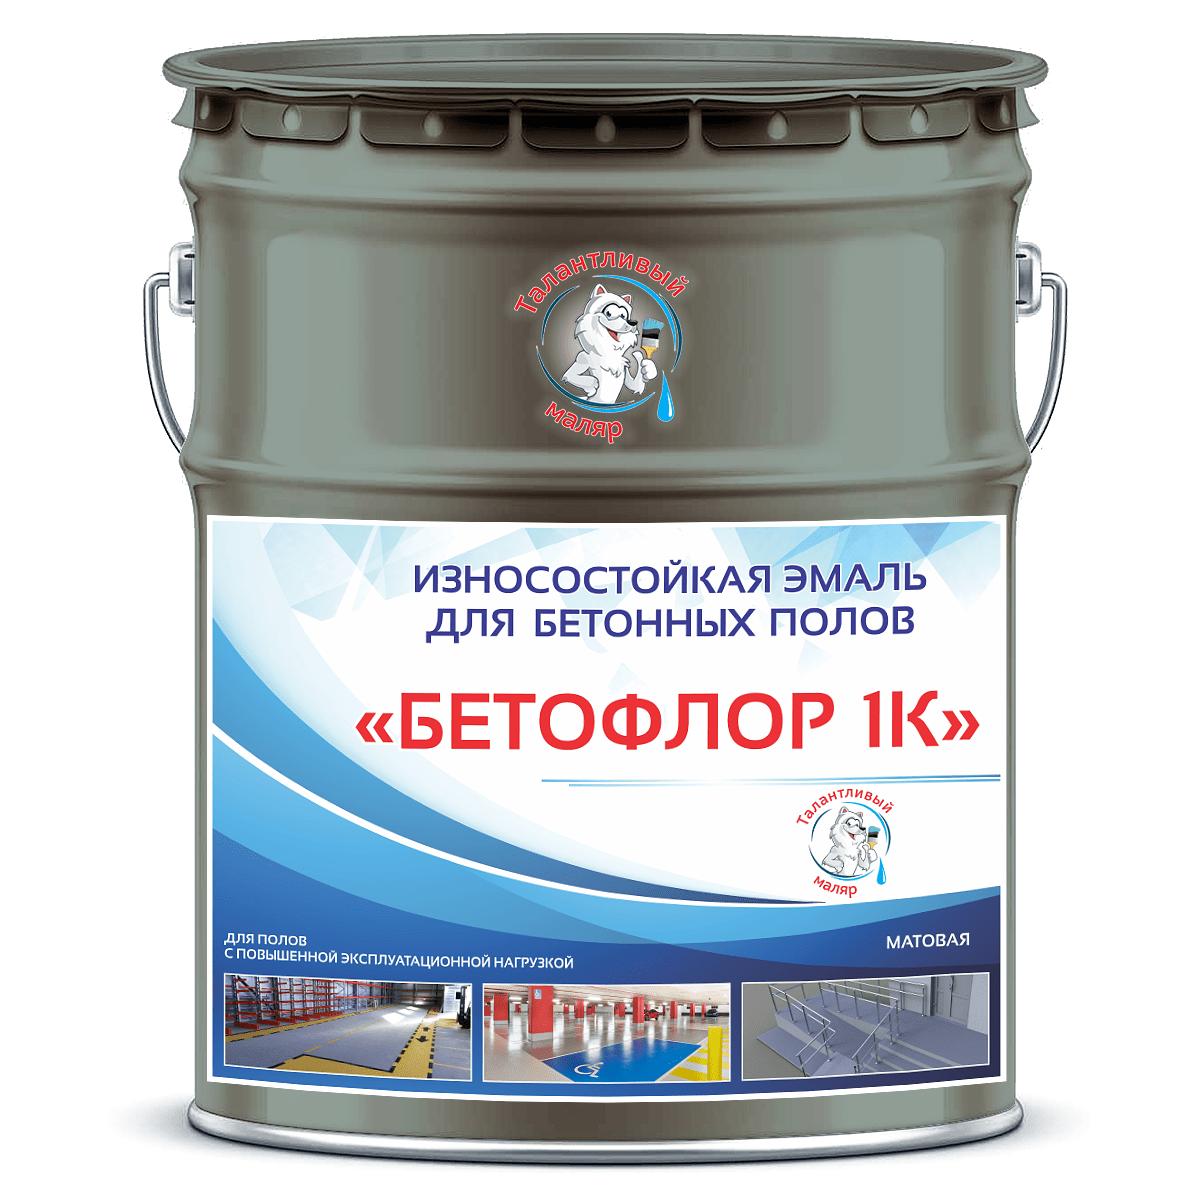 """Фото 4 - BF7003 Эмаль для бетонных полов """"Бетофлор"""" 1К цвет RAL 7003 Серый мох, матовая износостойкая, 25 кг """"Талантливый Маляр""""."""